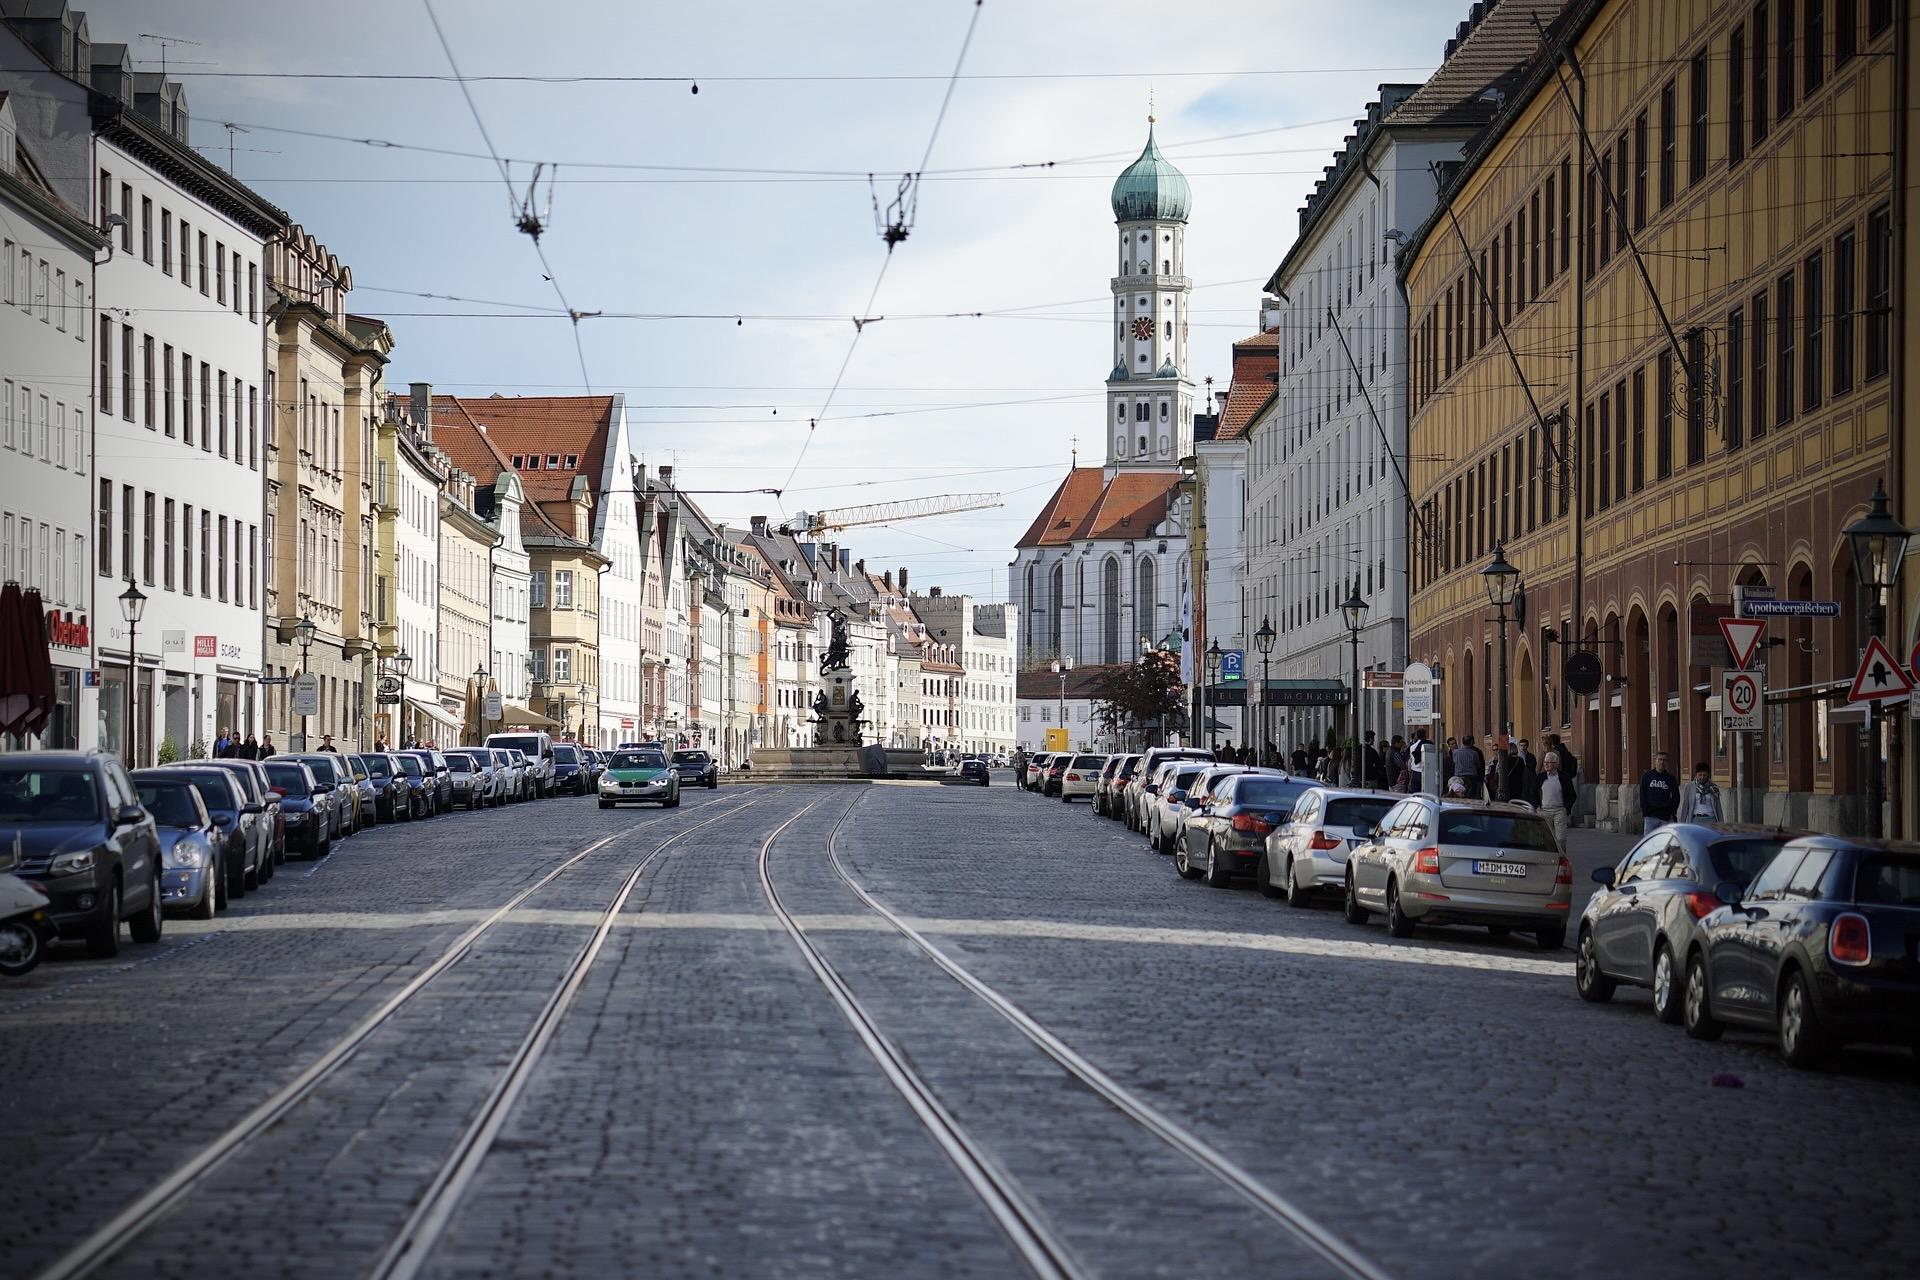 Wer Ausflugsziele in Bayern sucht, kann nach Augsburg fahren